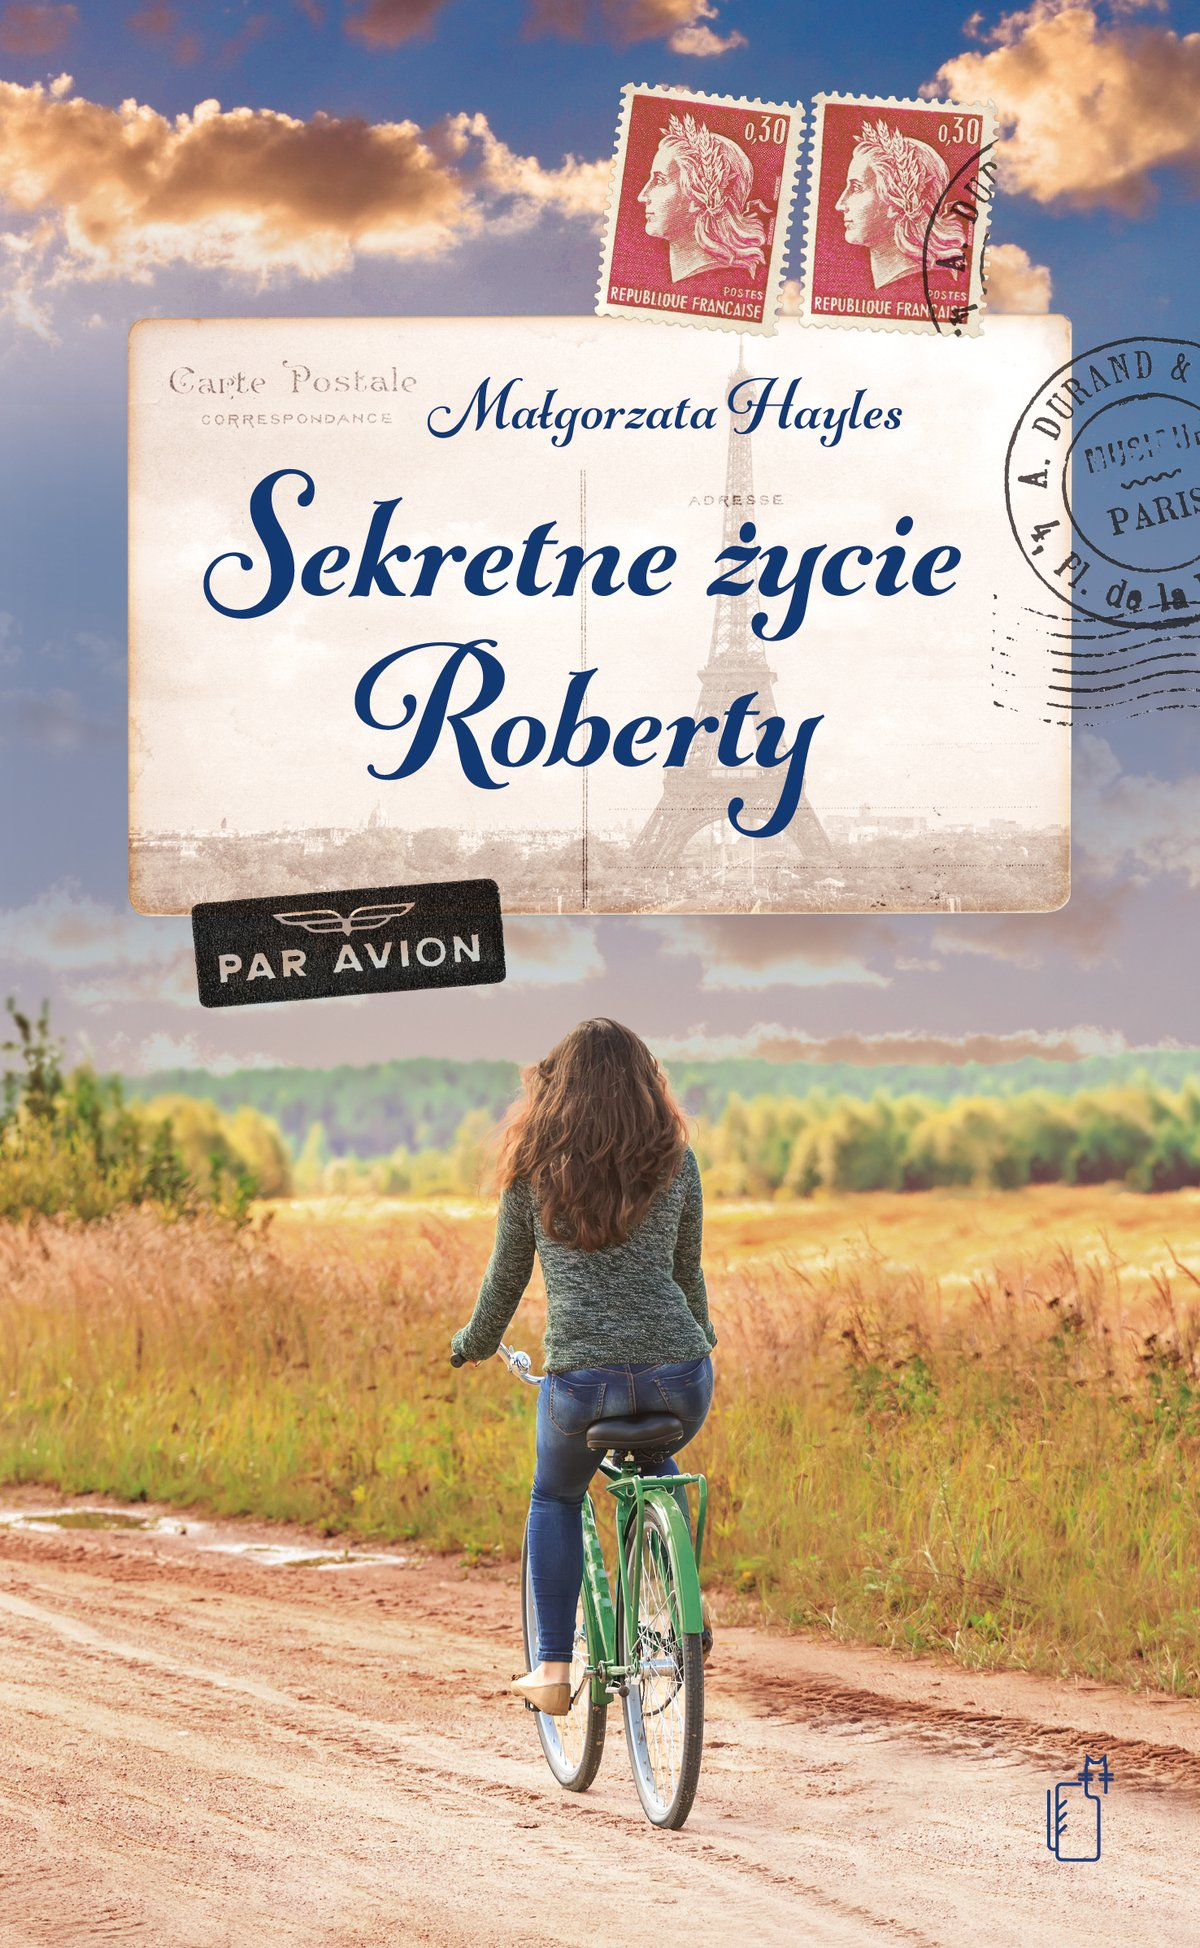 Sekretne życie Roberty - Ebook (Książka EPUB) do pobrania w formacie EPUB